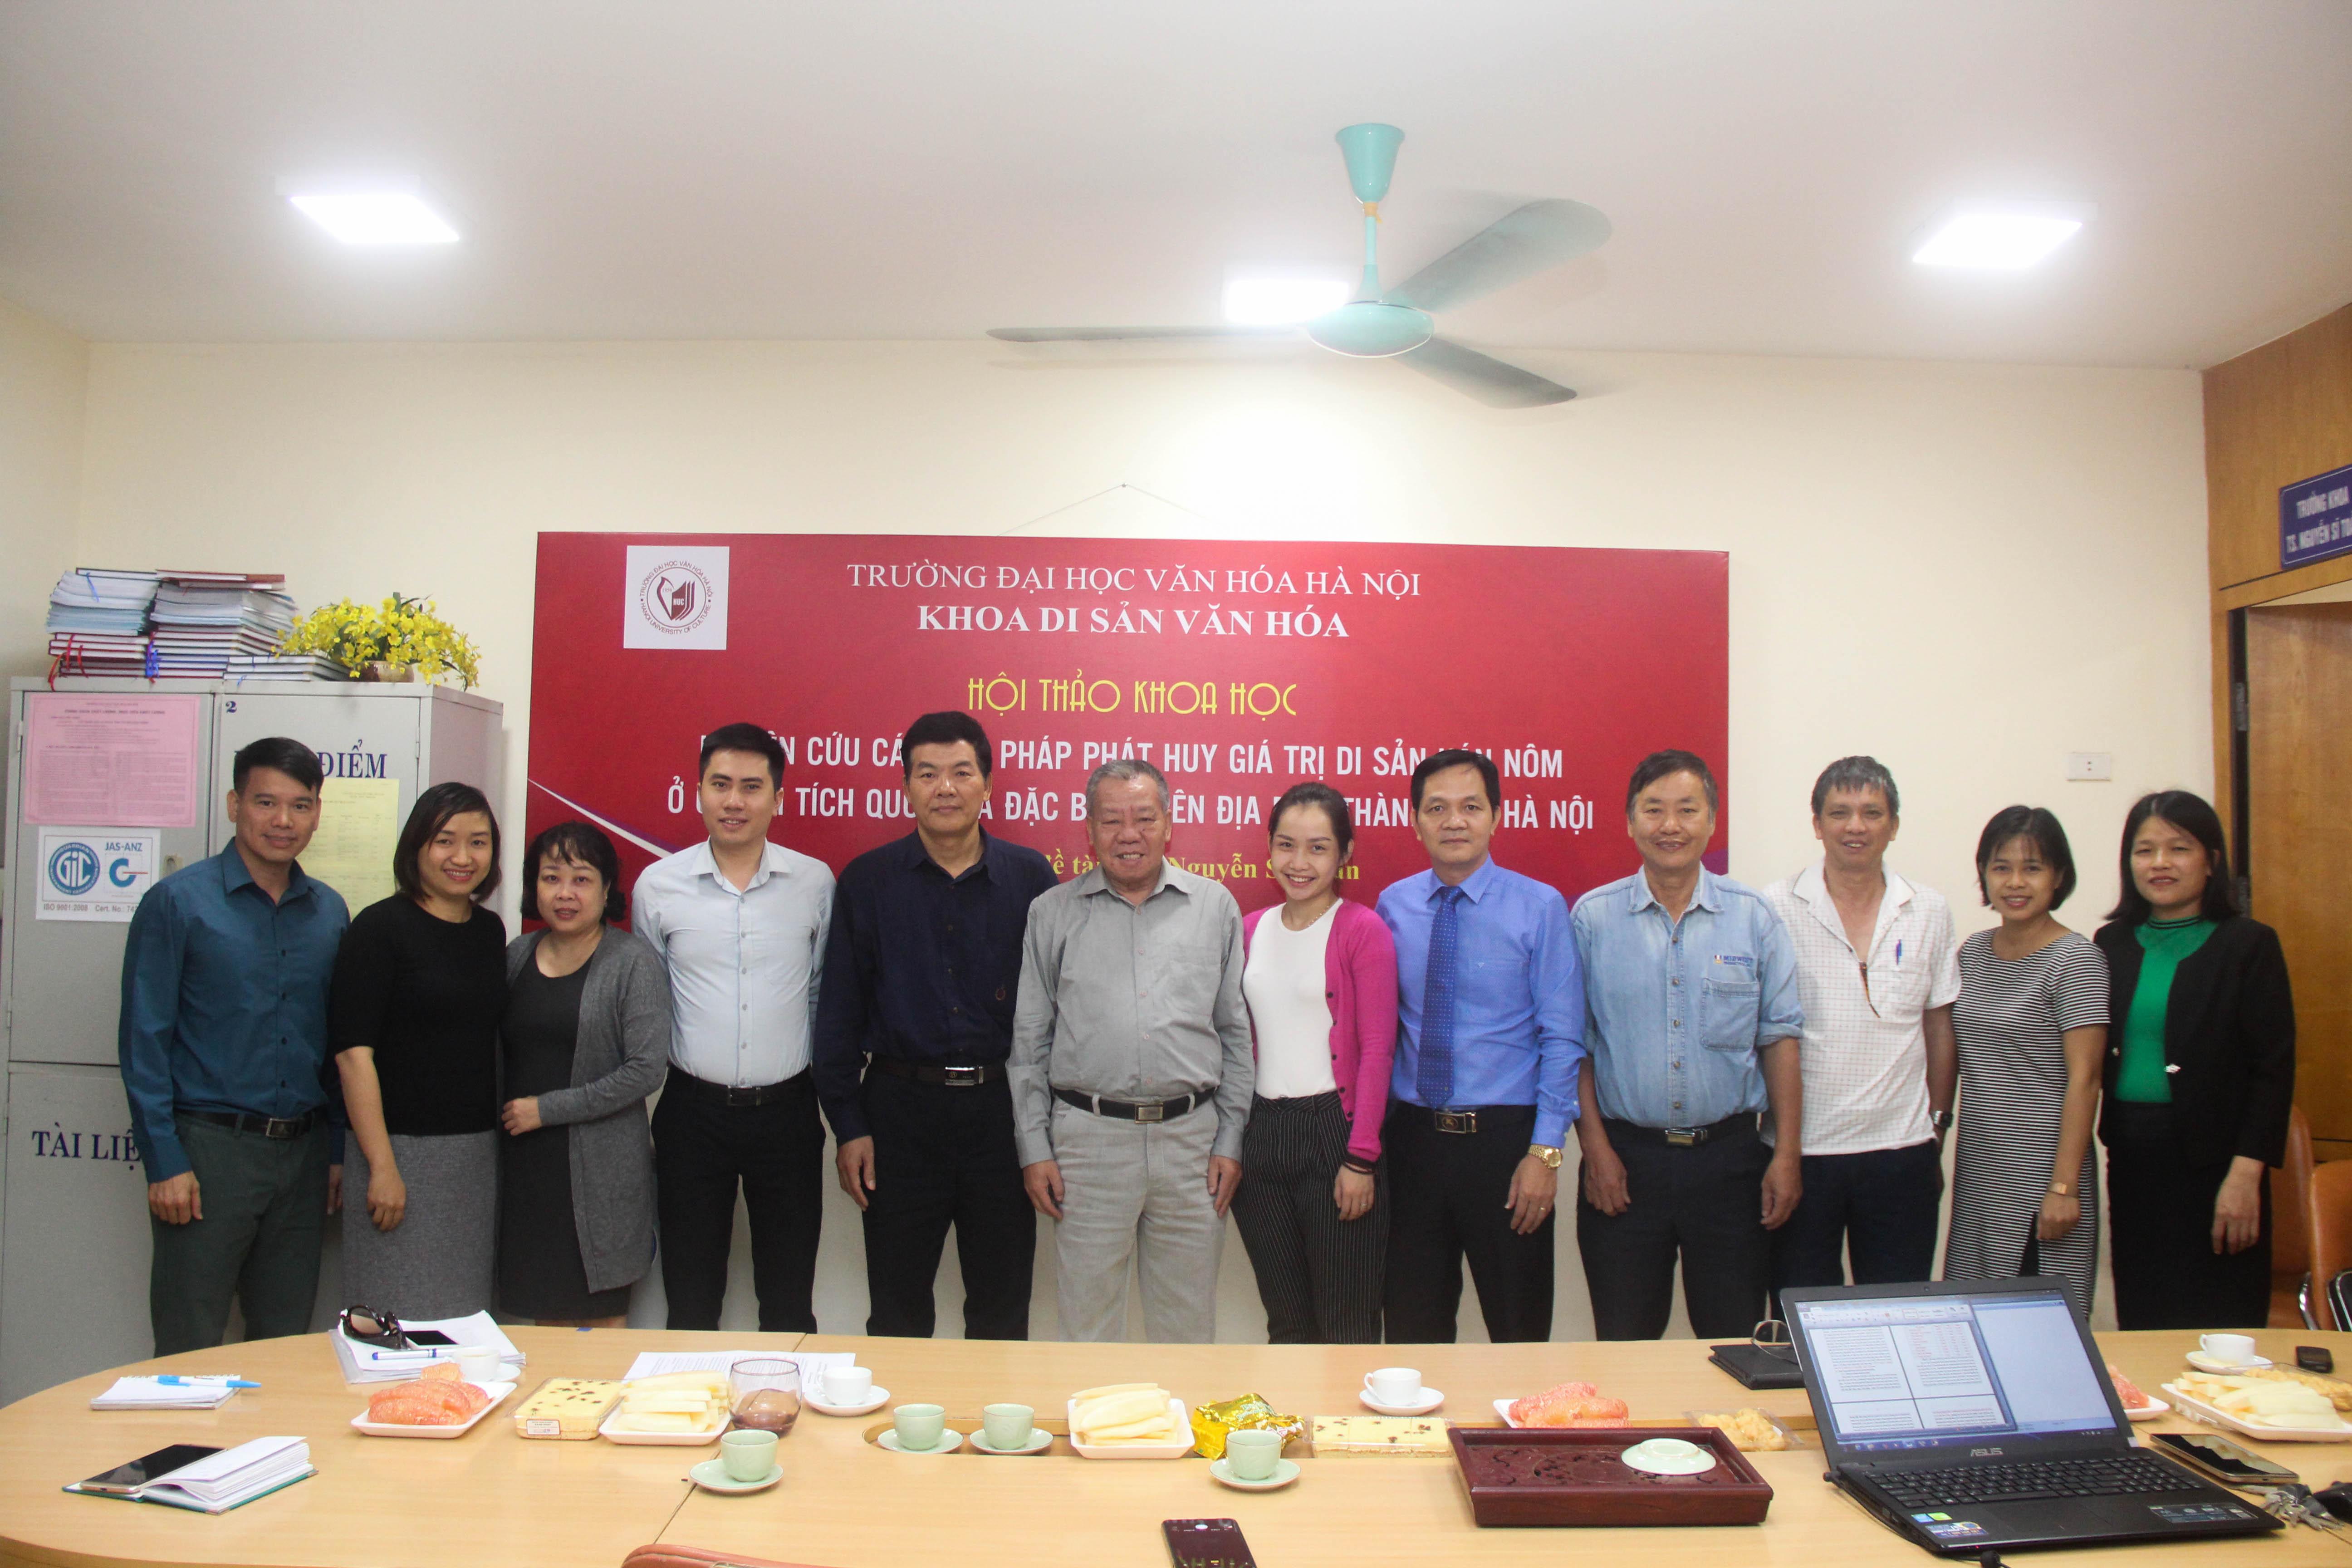 """Hội thảo báo cáo sơ bộ đề tài cấp Bộ: """"Nghiên cứu các giải pháp phát huy giá trị di sản Hán Nôm ở các di tích Quốc gia đặc biệt trên địa bàn thành phố Hà Nội"""""""